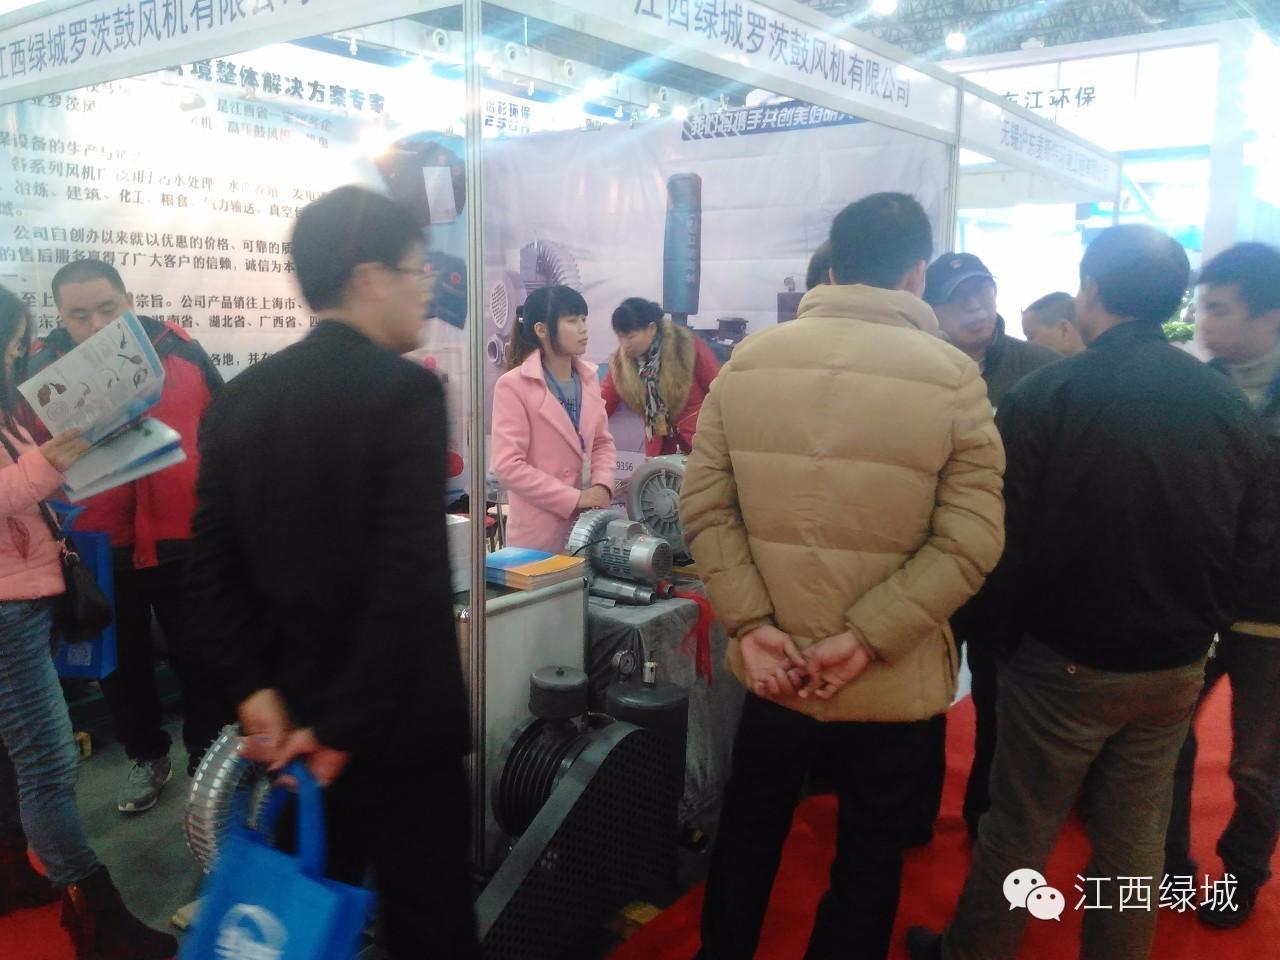 江西绿城参加2015年中国(江西)国际节能环保展览会硕果累累